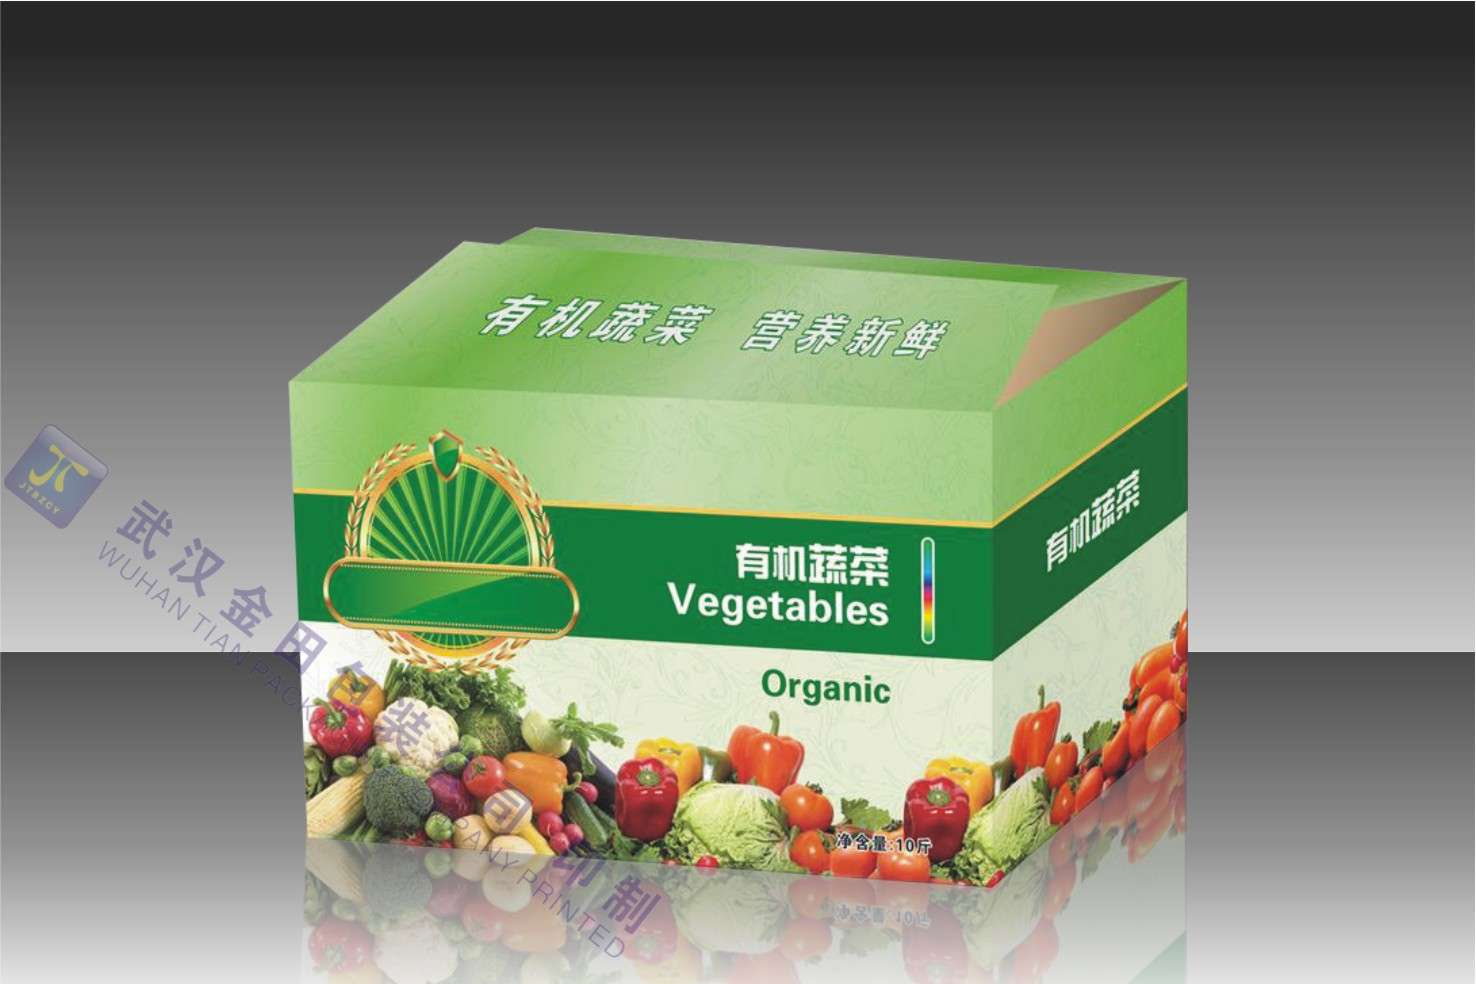 武汉蔬菜包装|武汉水果包装|武汉农产品包装|武汉土特产包装